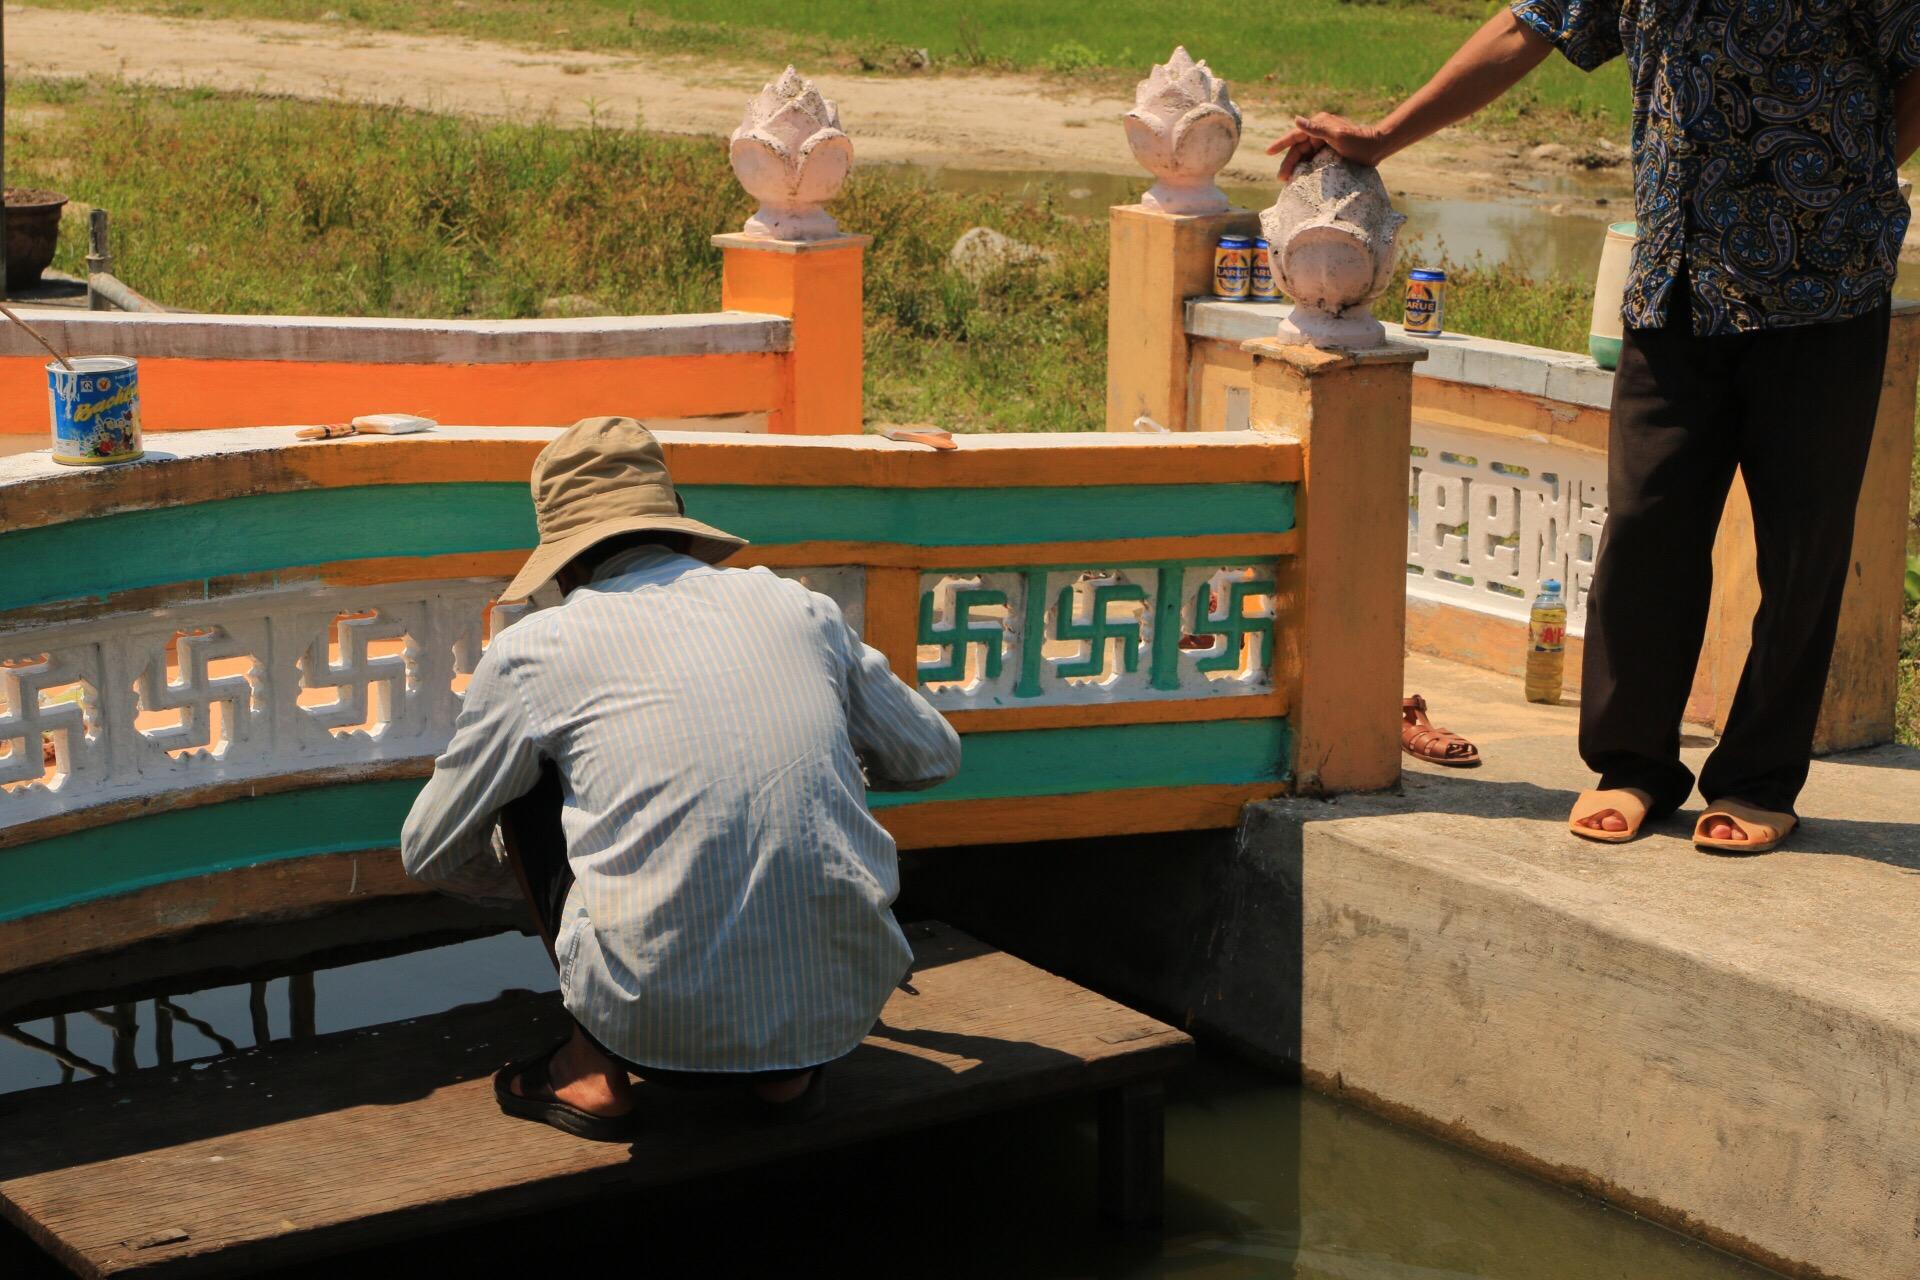 Dieser Handwerker malt natürlich keine Hakenkreuze an den Tempel sondern Swastika - ein religiöses Glückssymbol im Buddhismus.